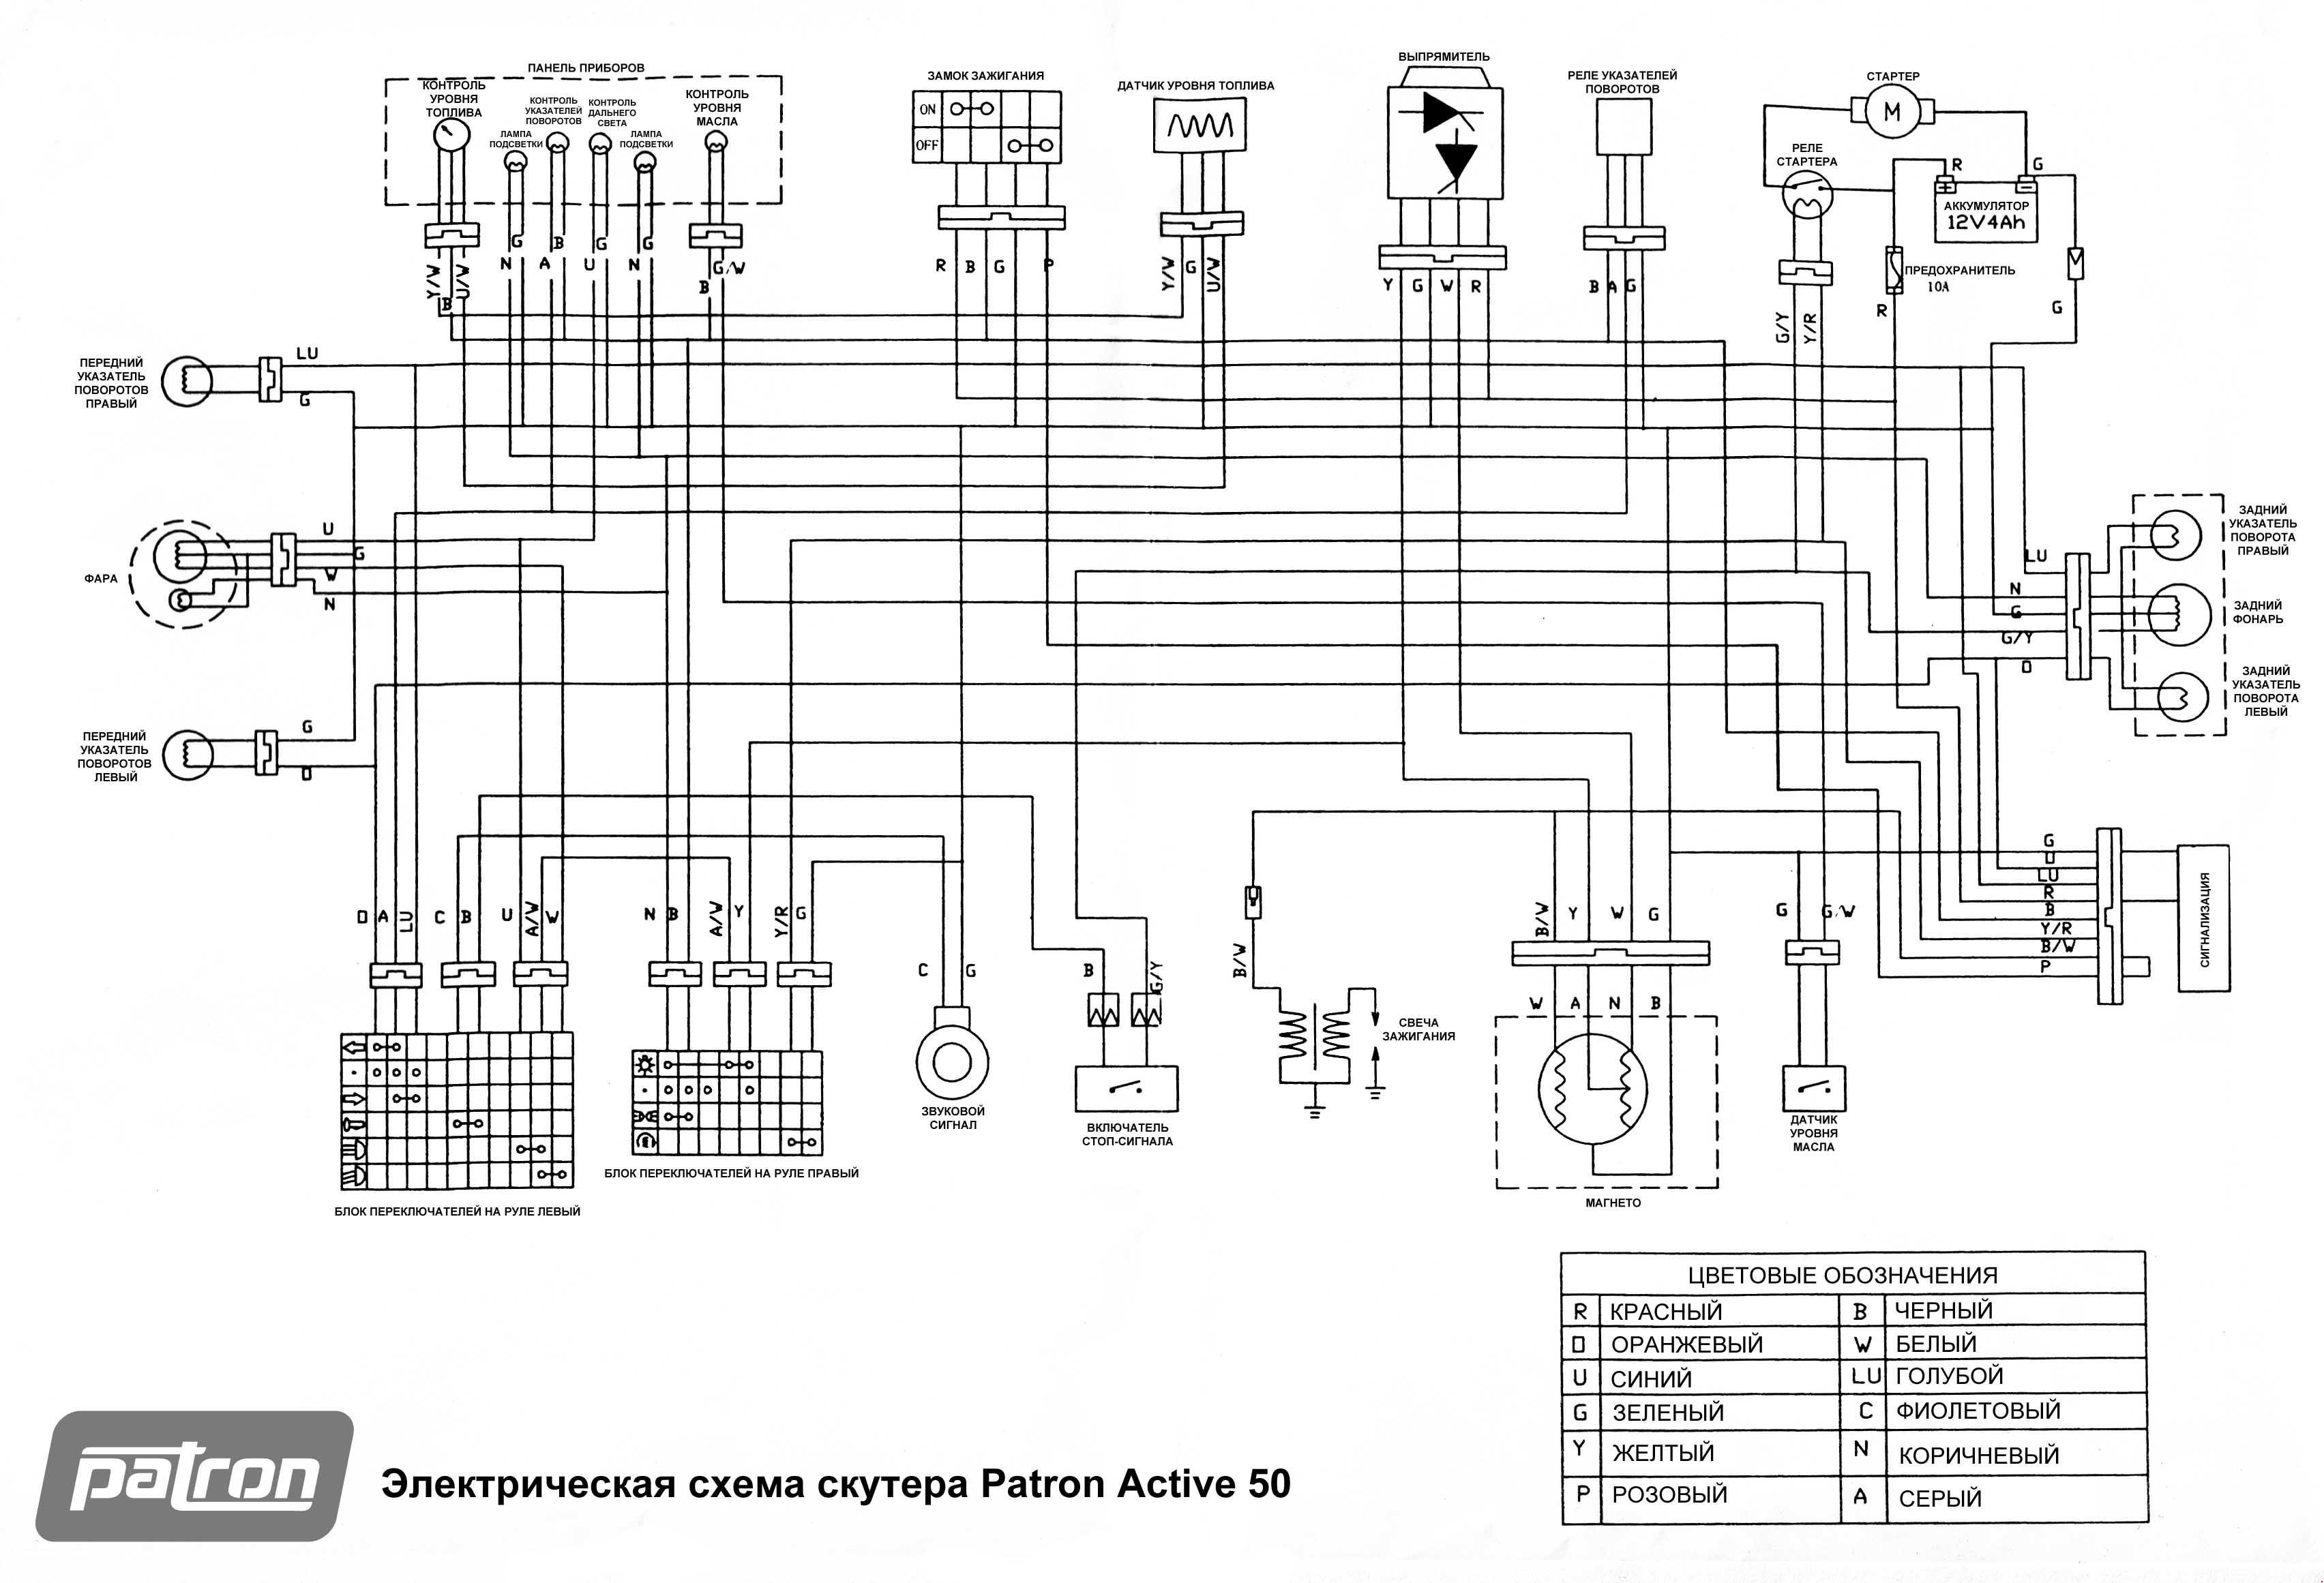 Электрическая схема скутера Patron Active 50